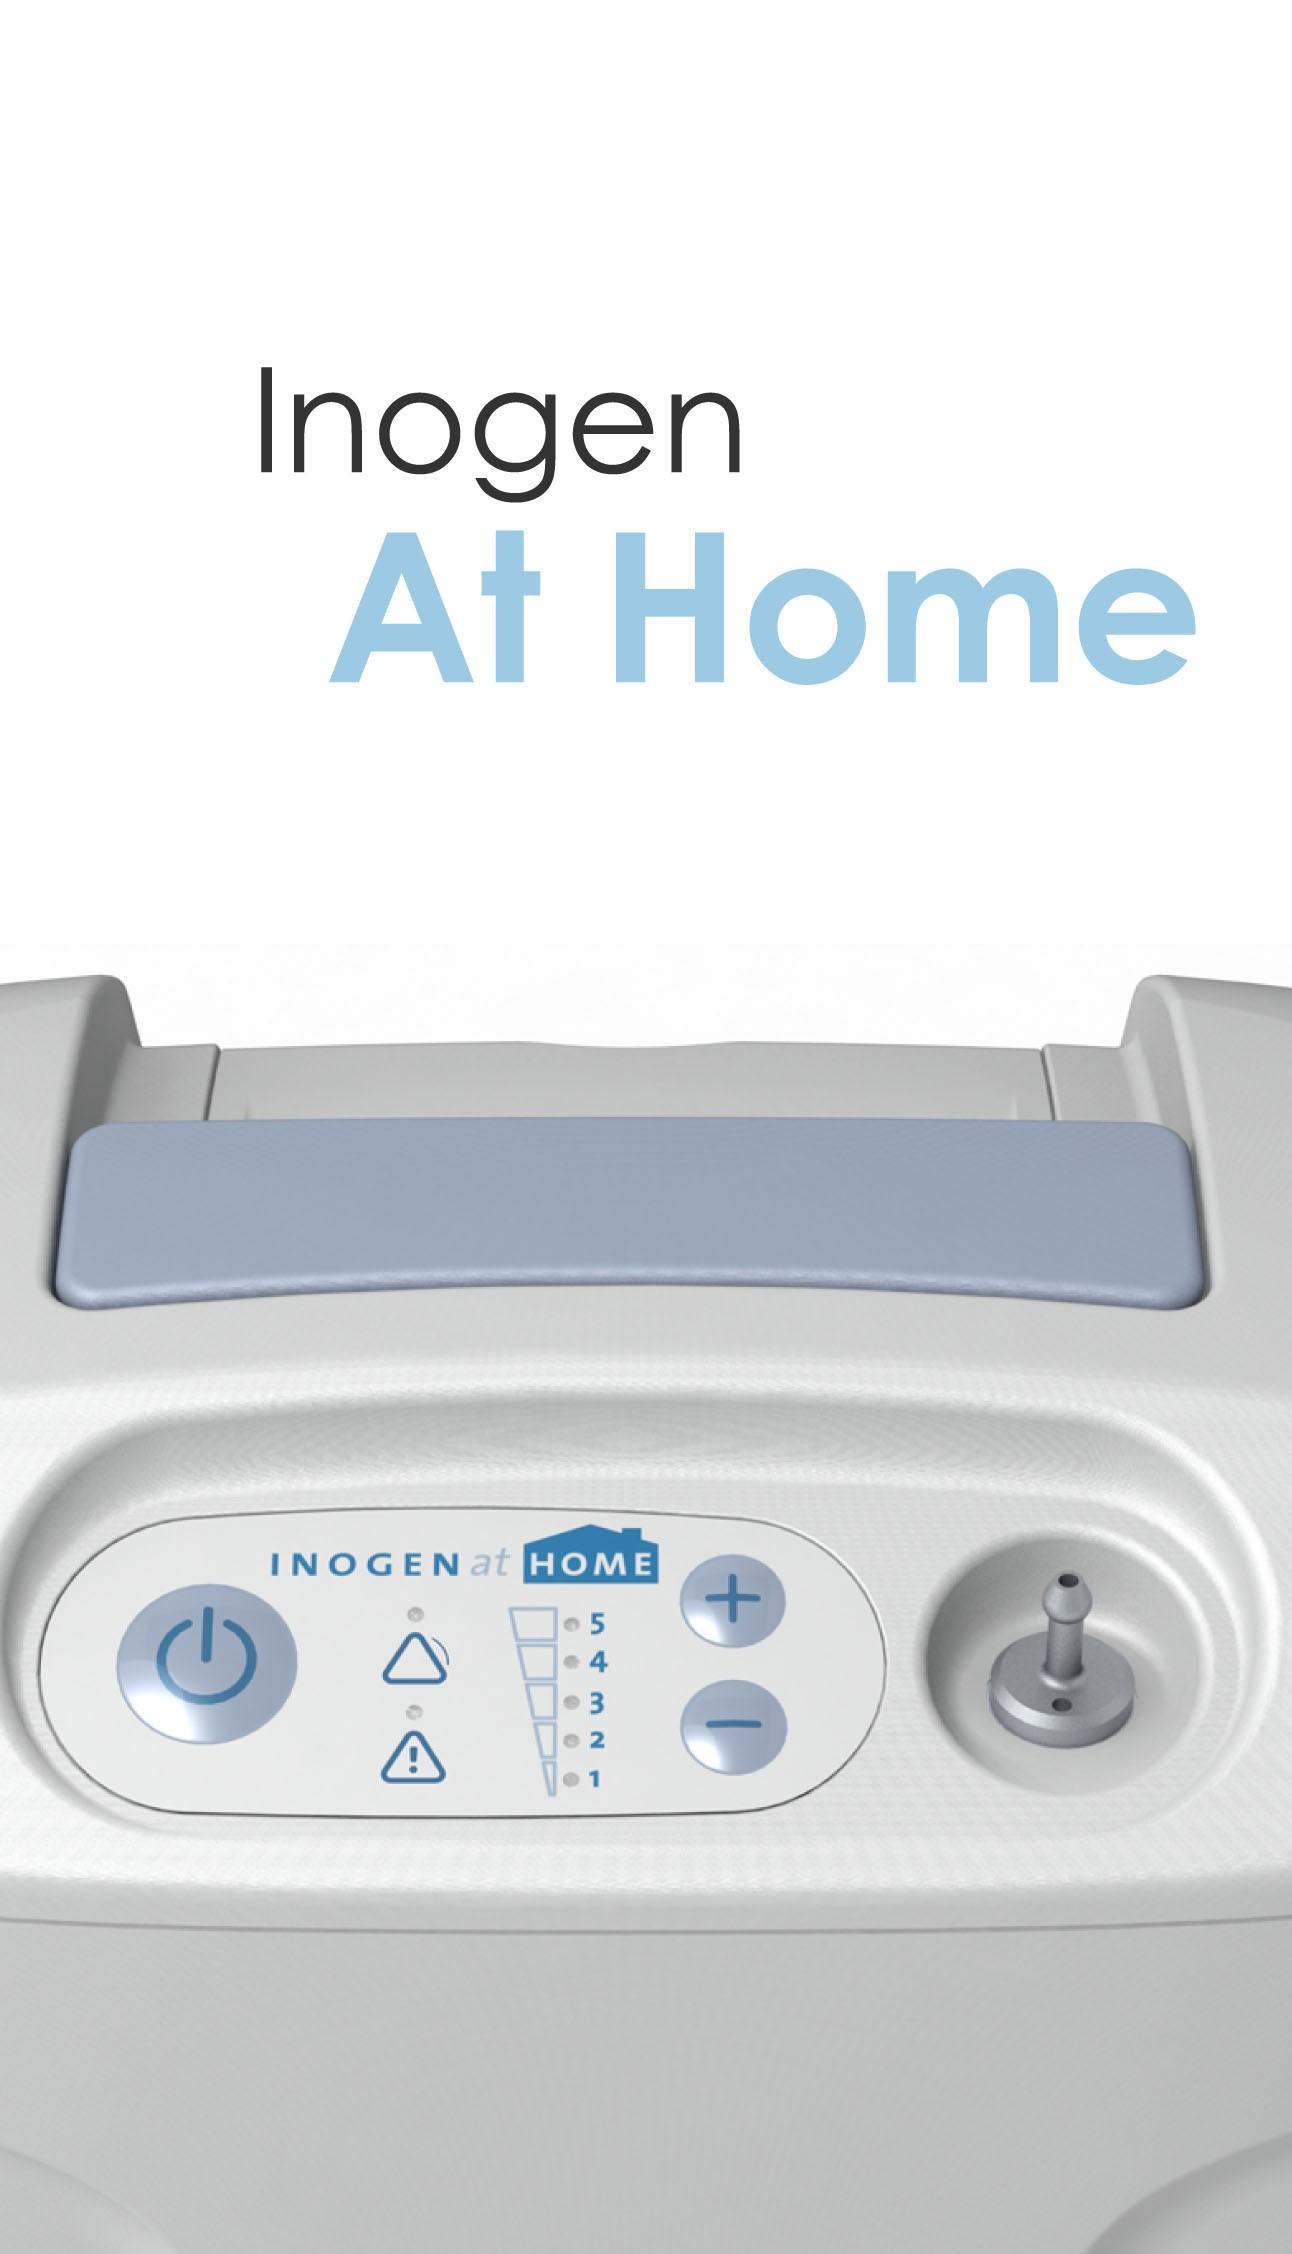 Inogen At Home